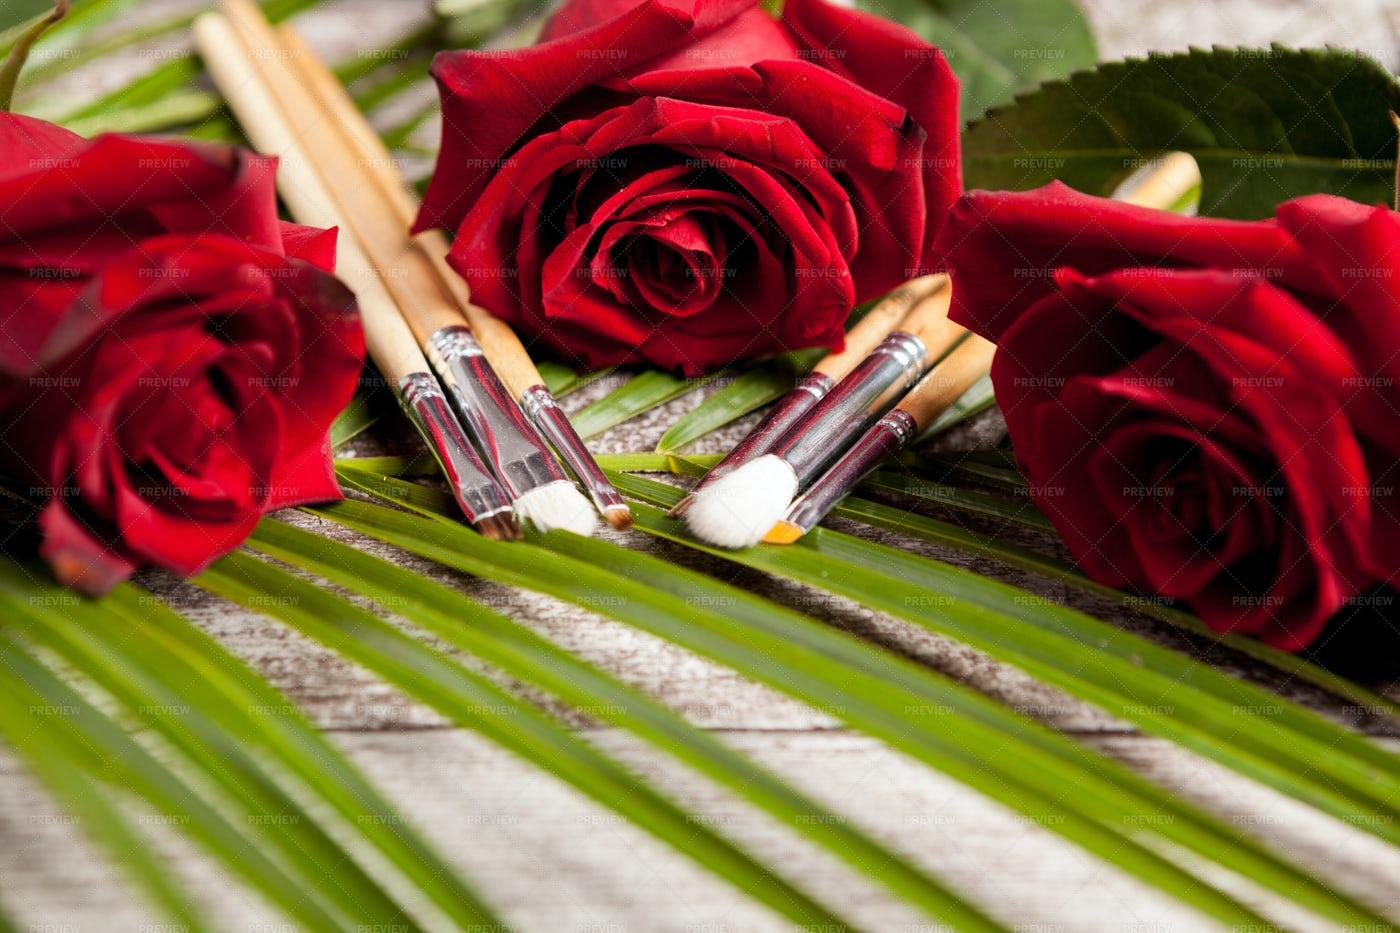 A Set Of Makeup Brushes Next To Roses: Stock Photos